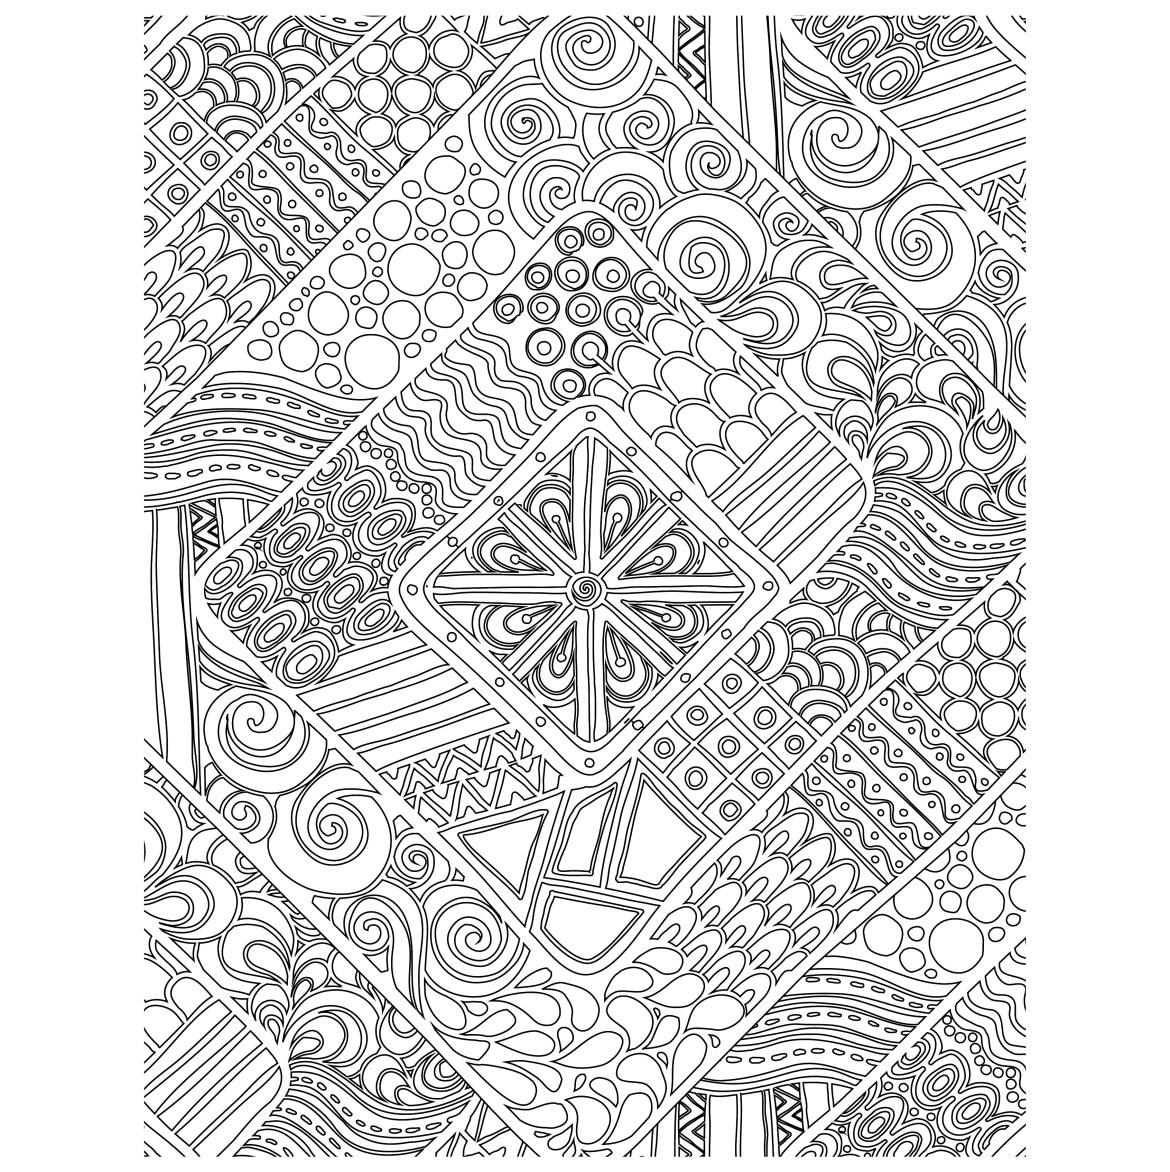 Coloriage gratuit, doodle géométrique